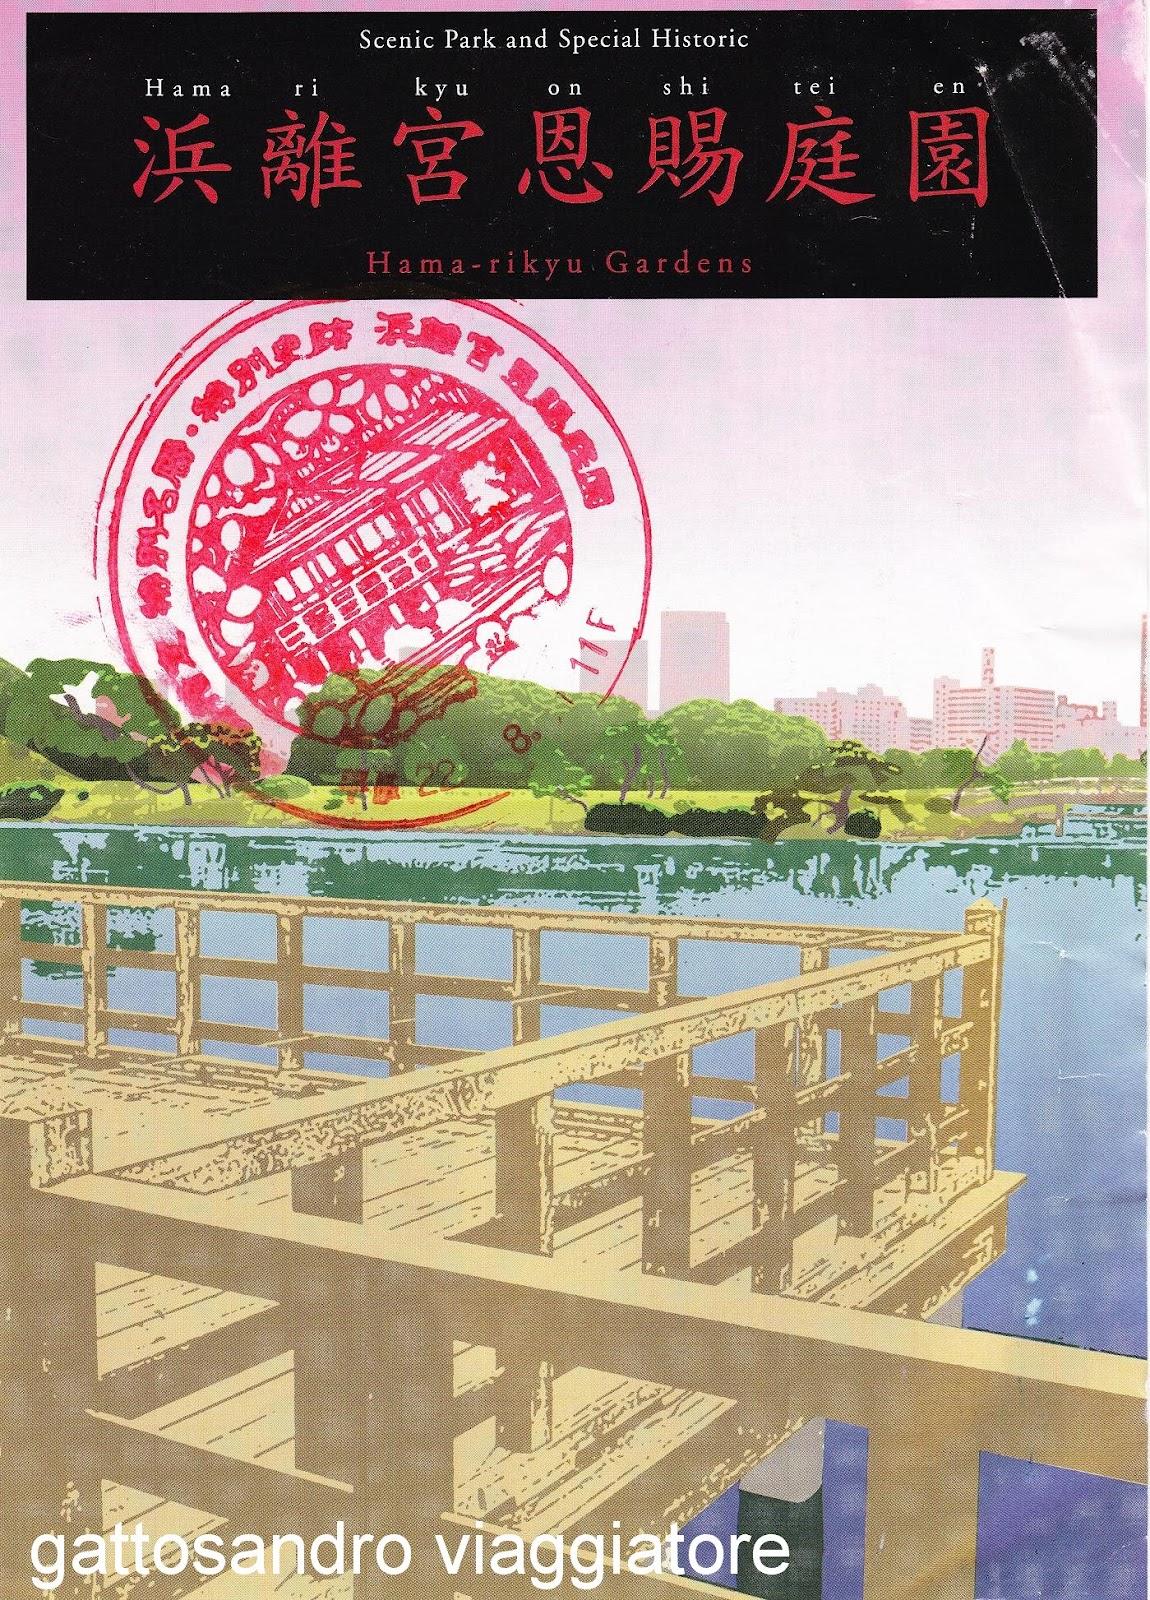 Gattosandro Viaggiatore Travel Blog Hama Rikyu Garden